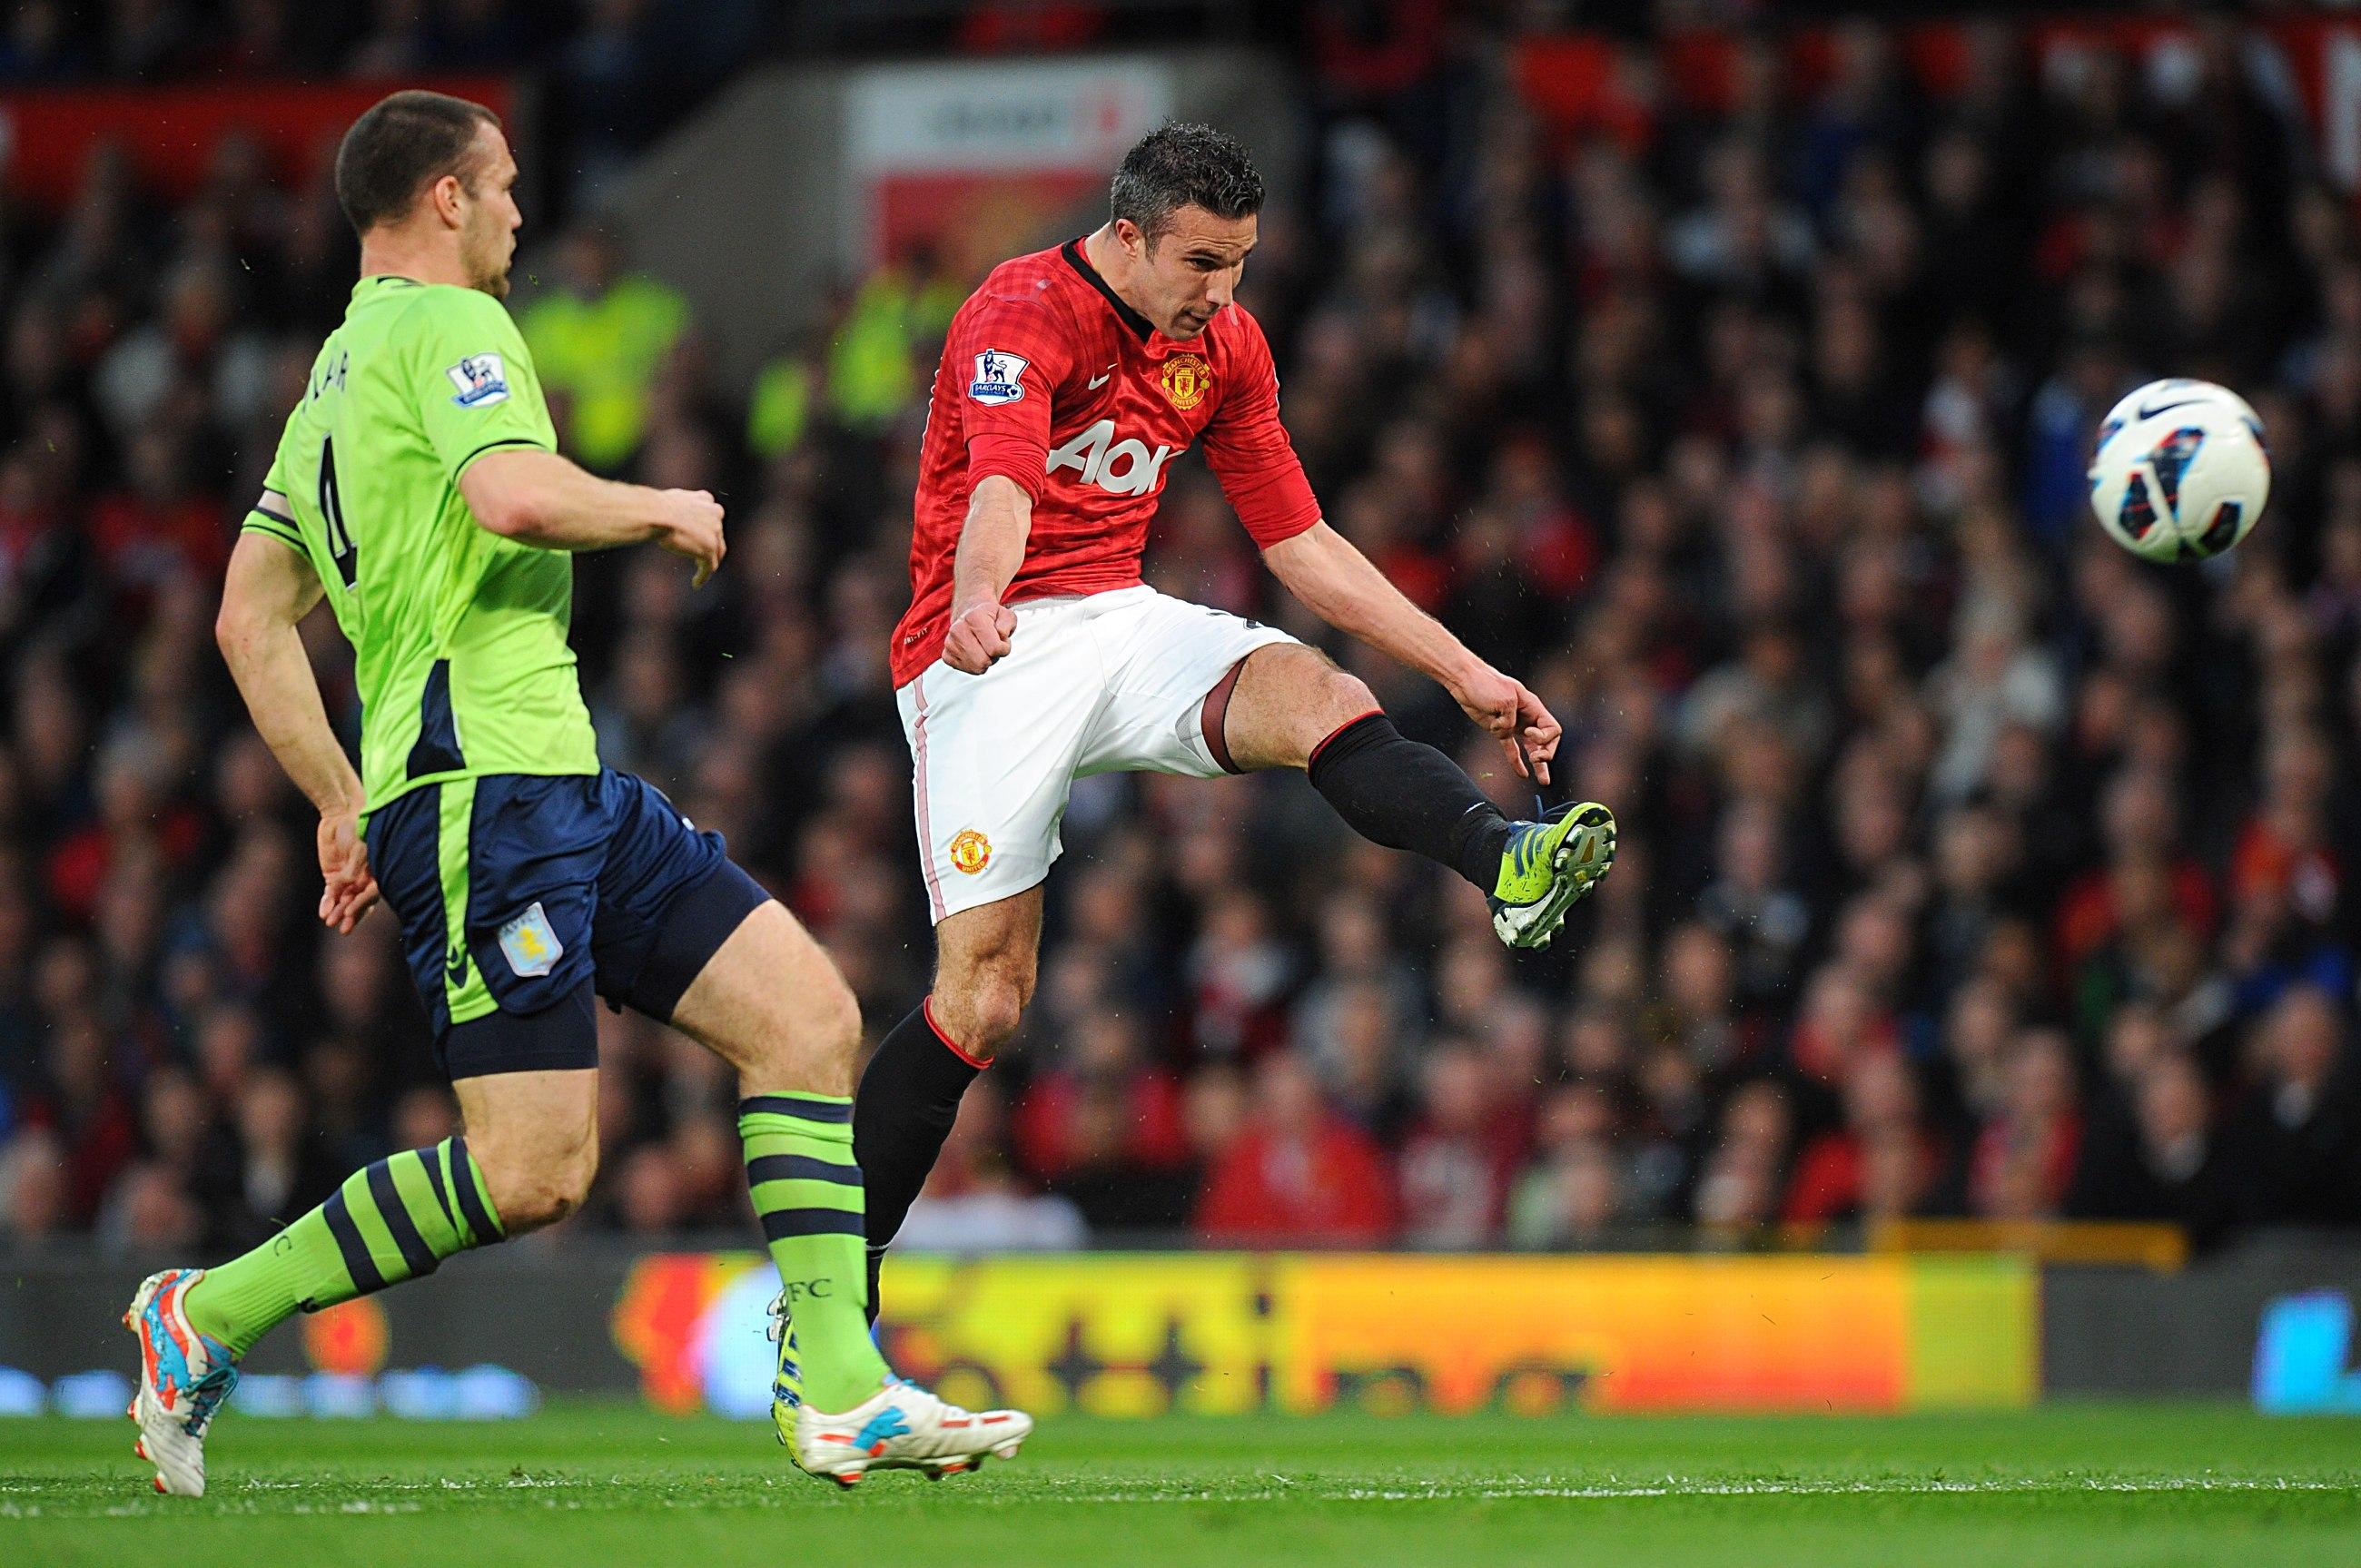 Gallery: Manchester United v Aston Villa – 22 April 2013